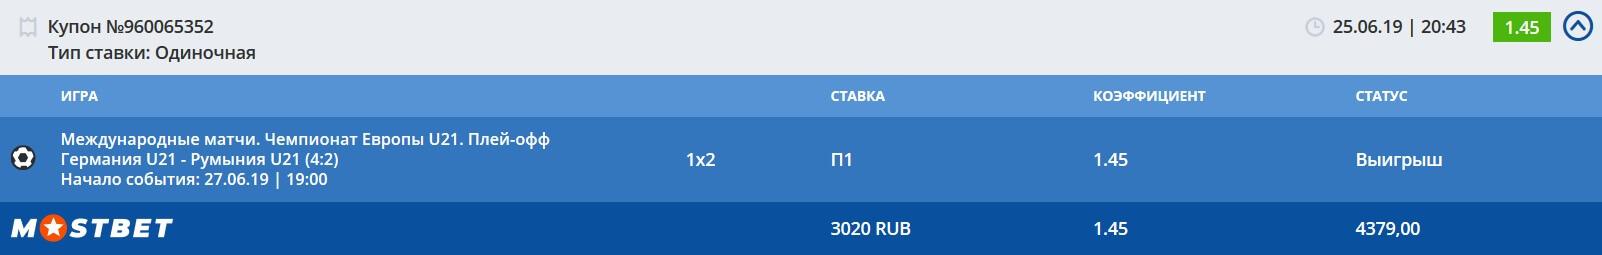 Германия - Румыния (U21), Результаты Ставки